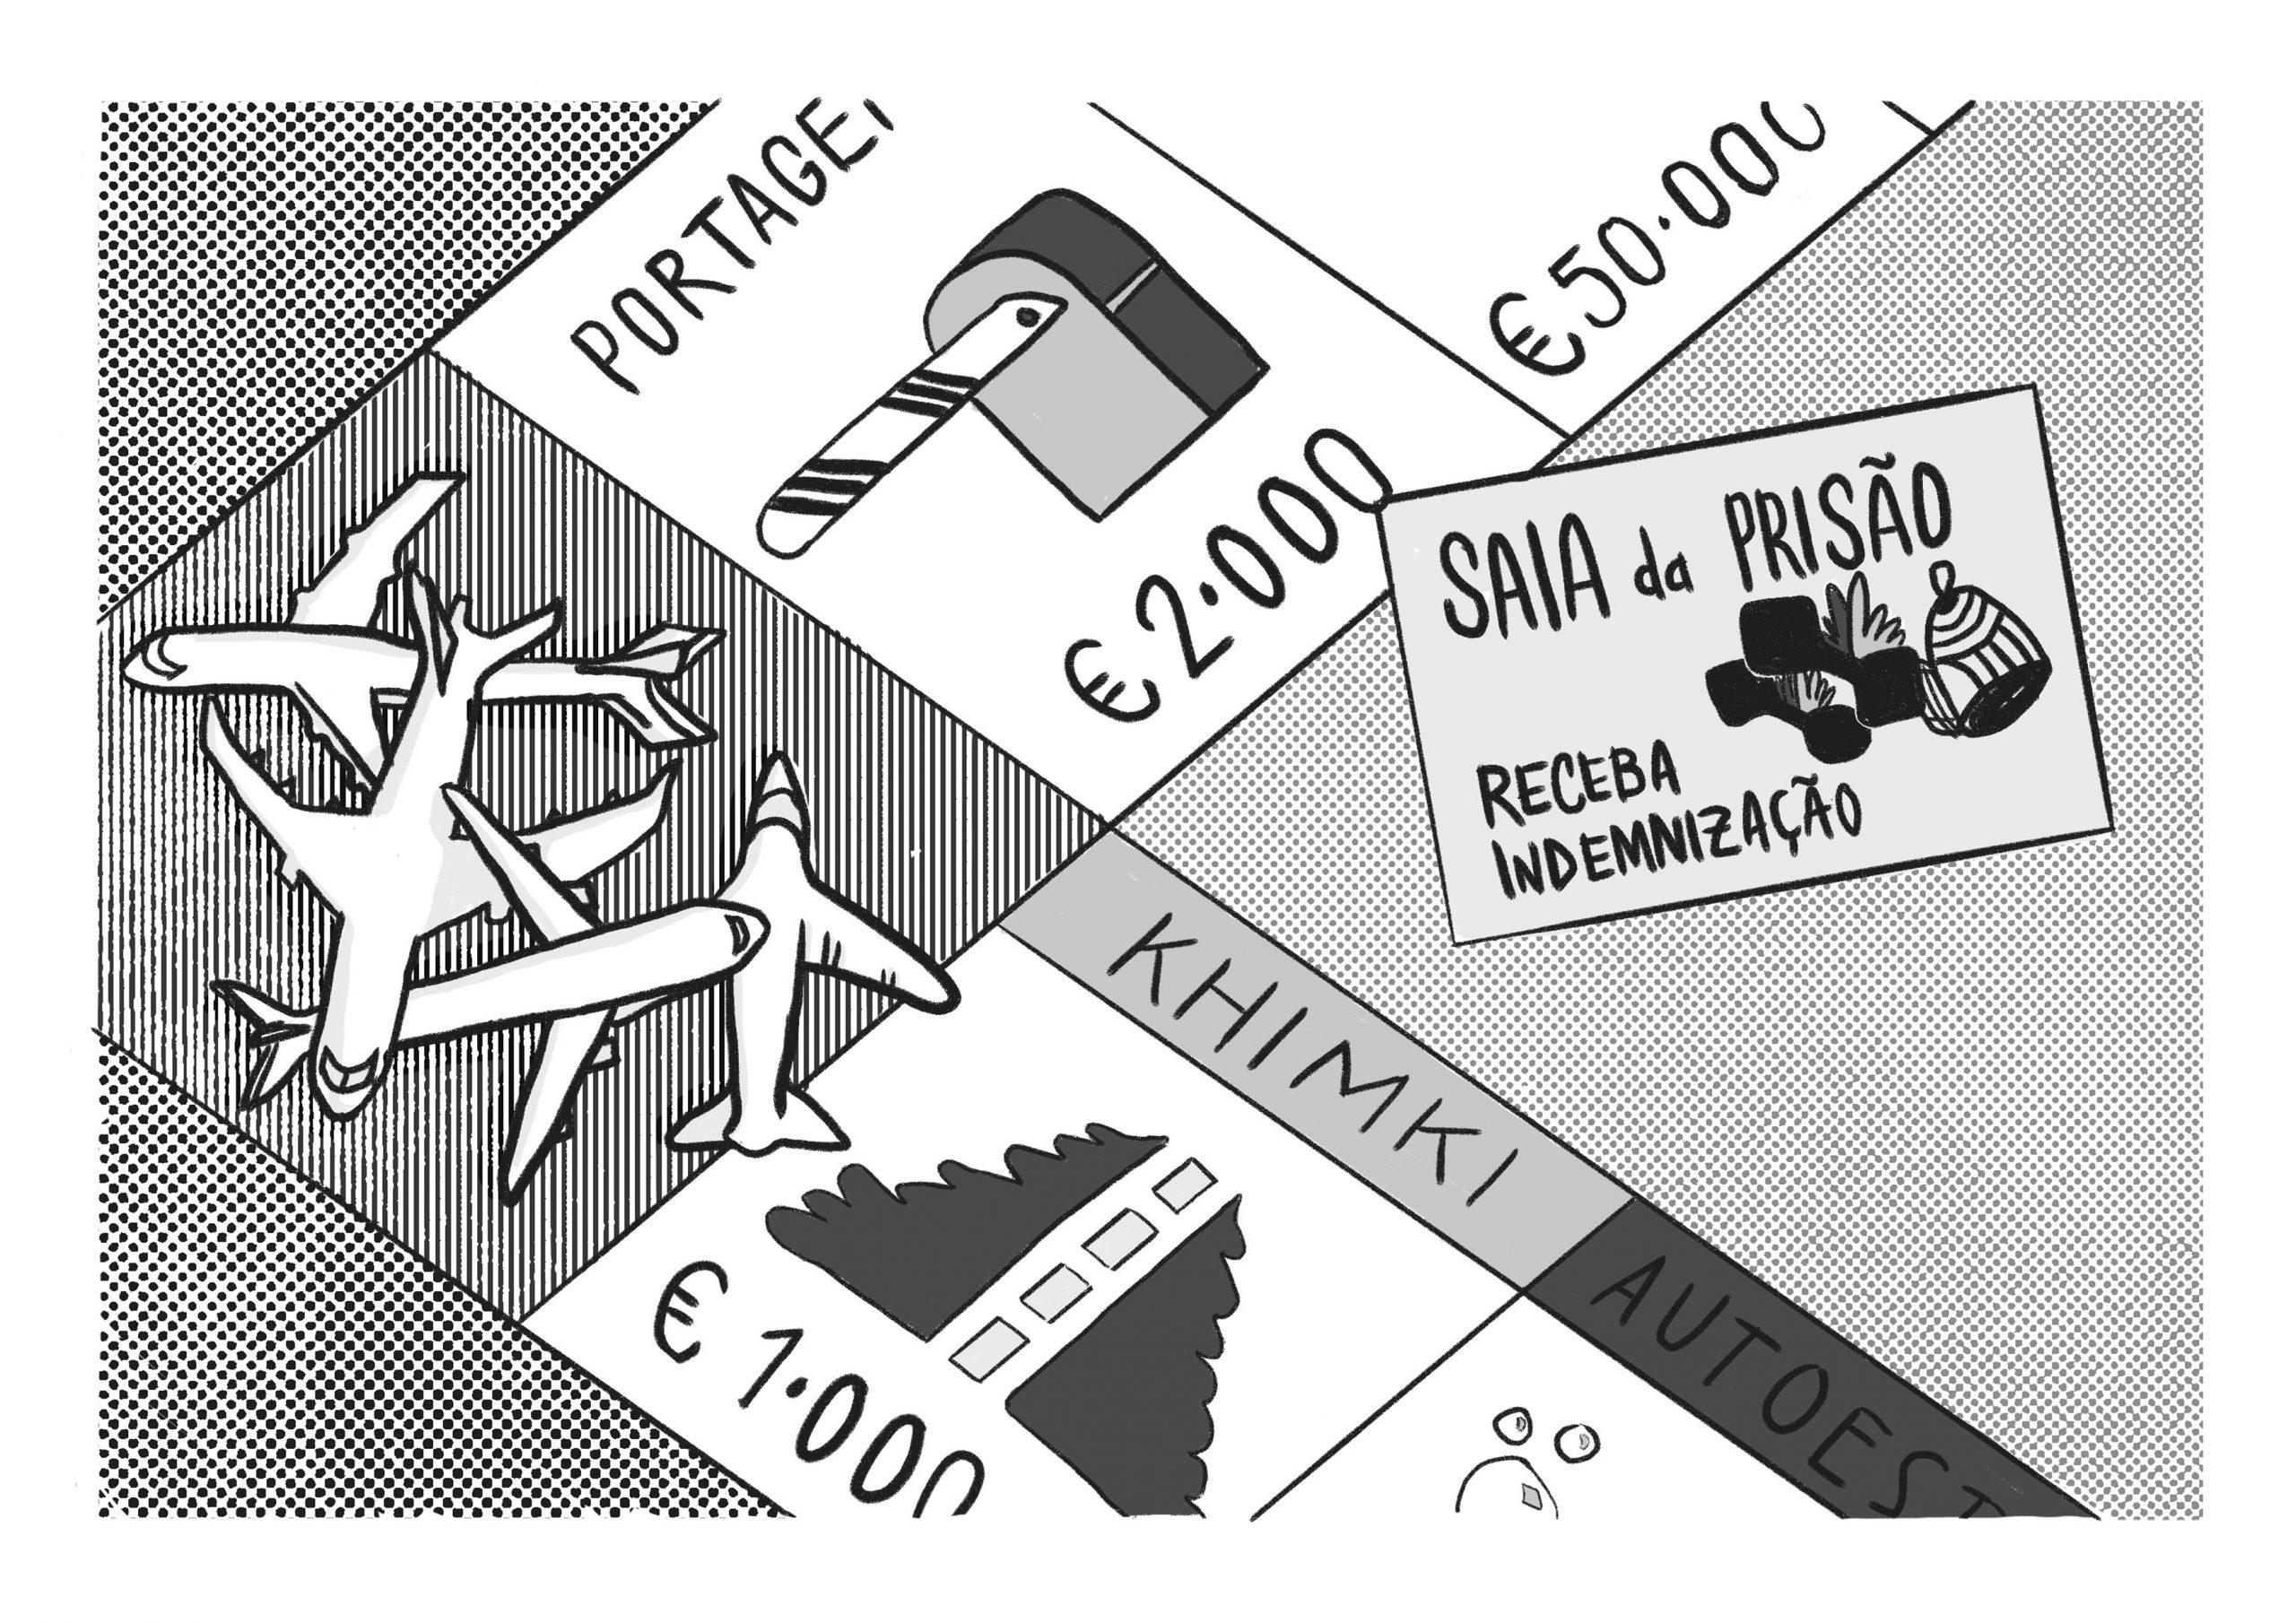 Ilustração de Rita Neves/Mapa